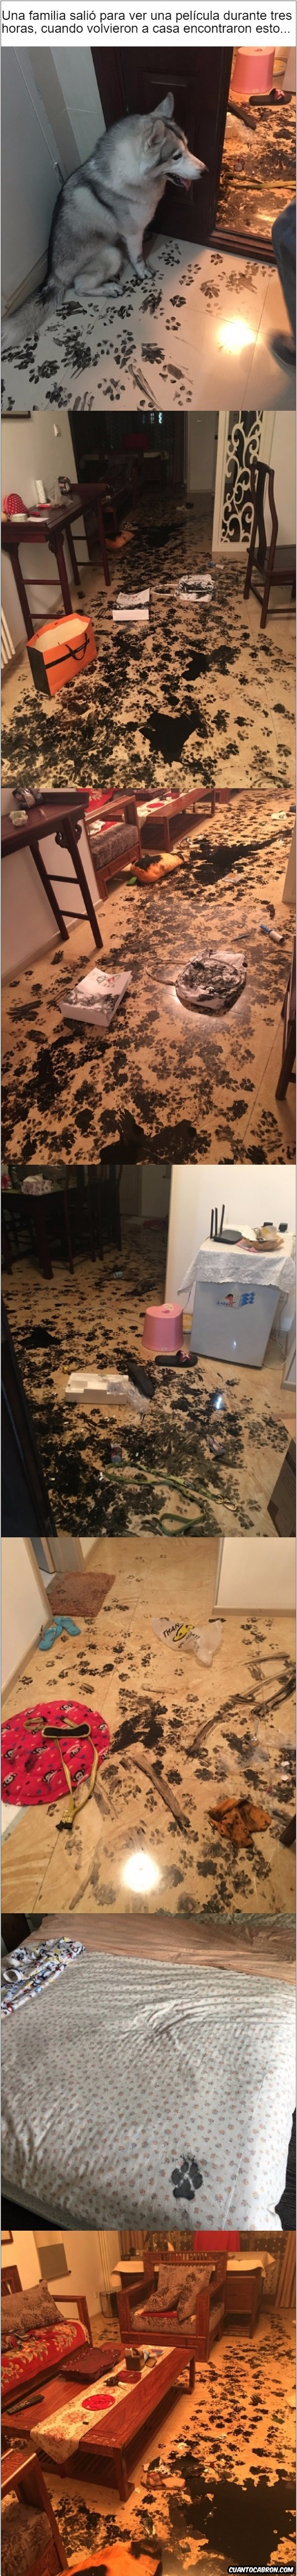 fotos del desastre que hizo un perro al que dejaron solo en la casa